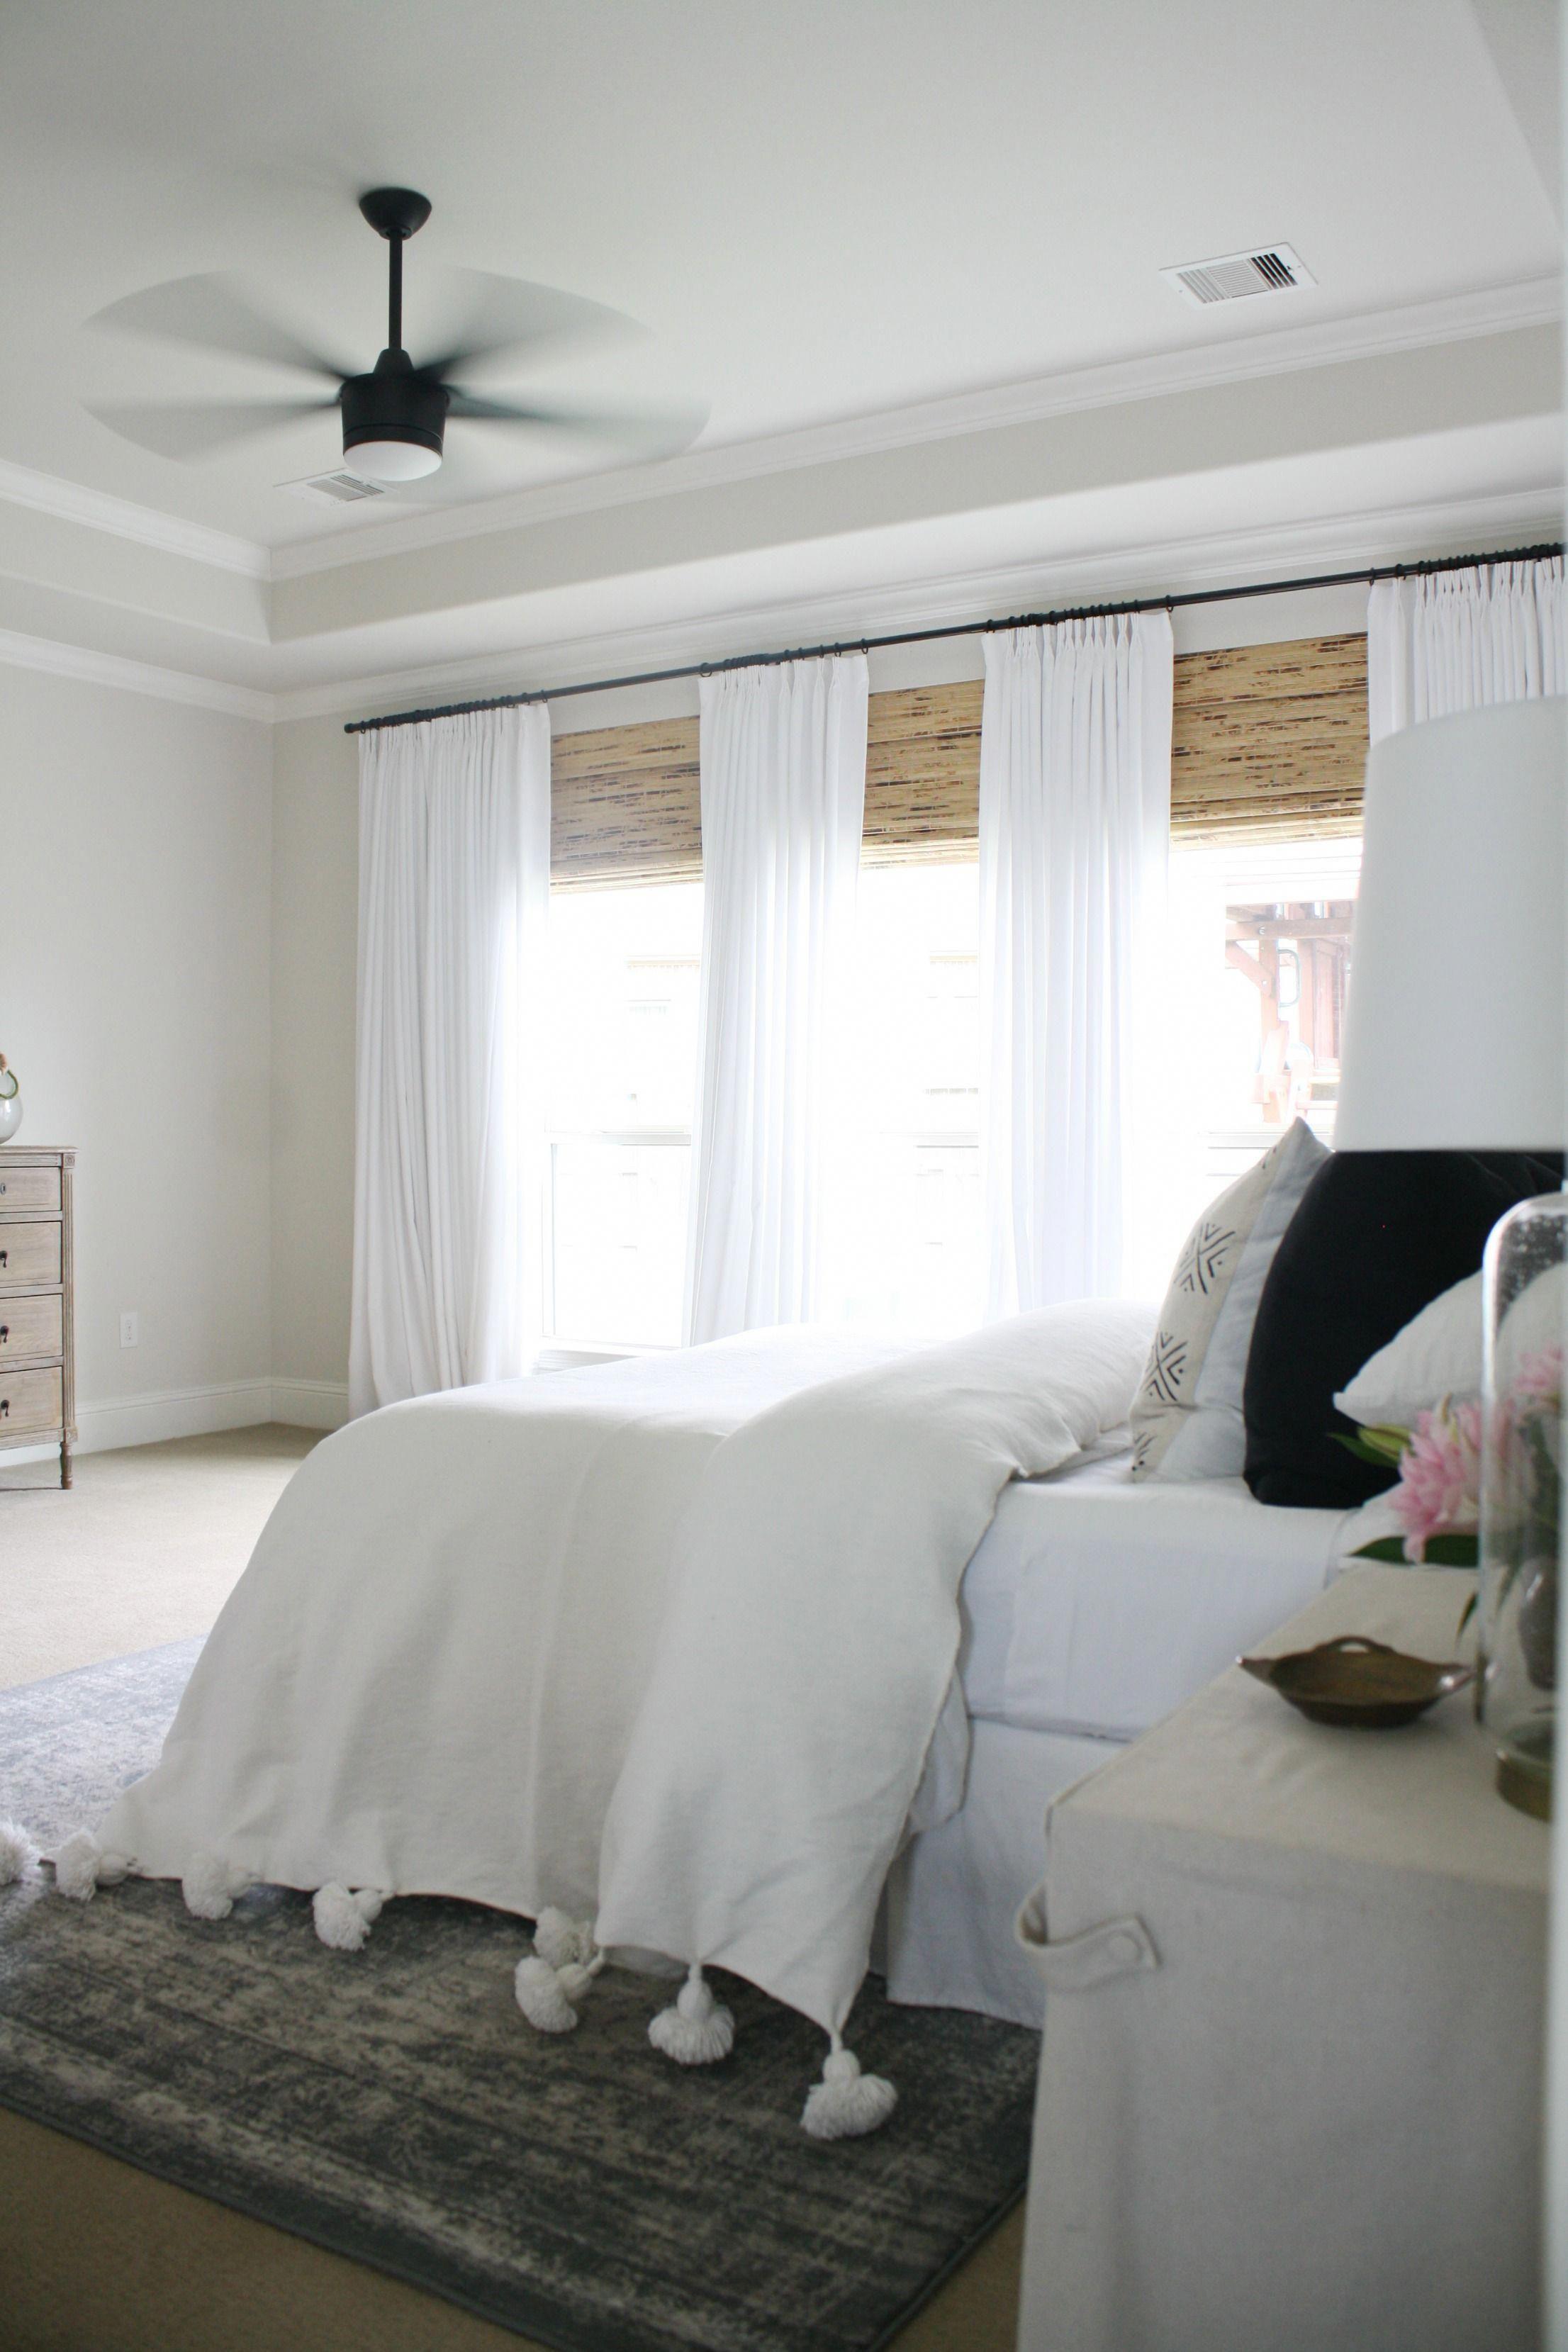 Moroccan Tassel Blanket White Bedding Ideas Neutral Boho Bedroom